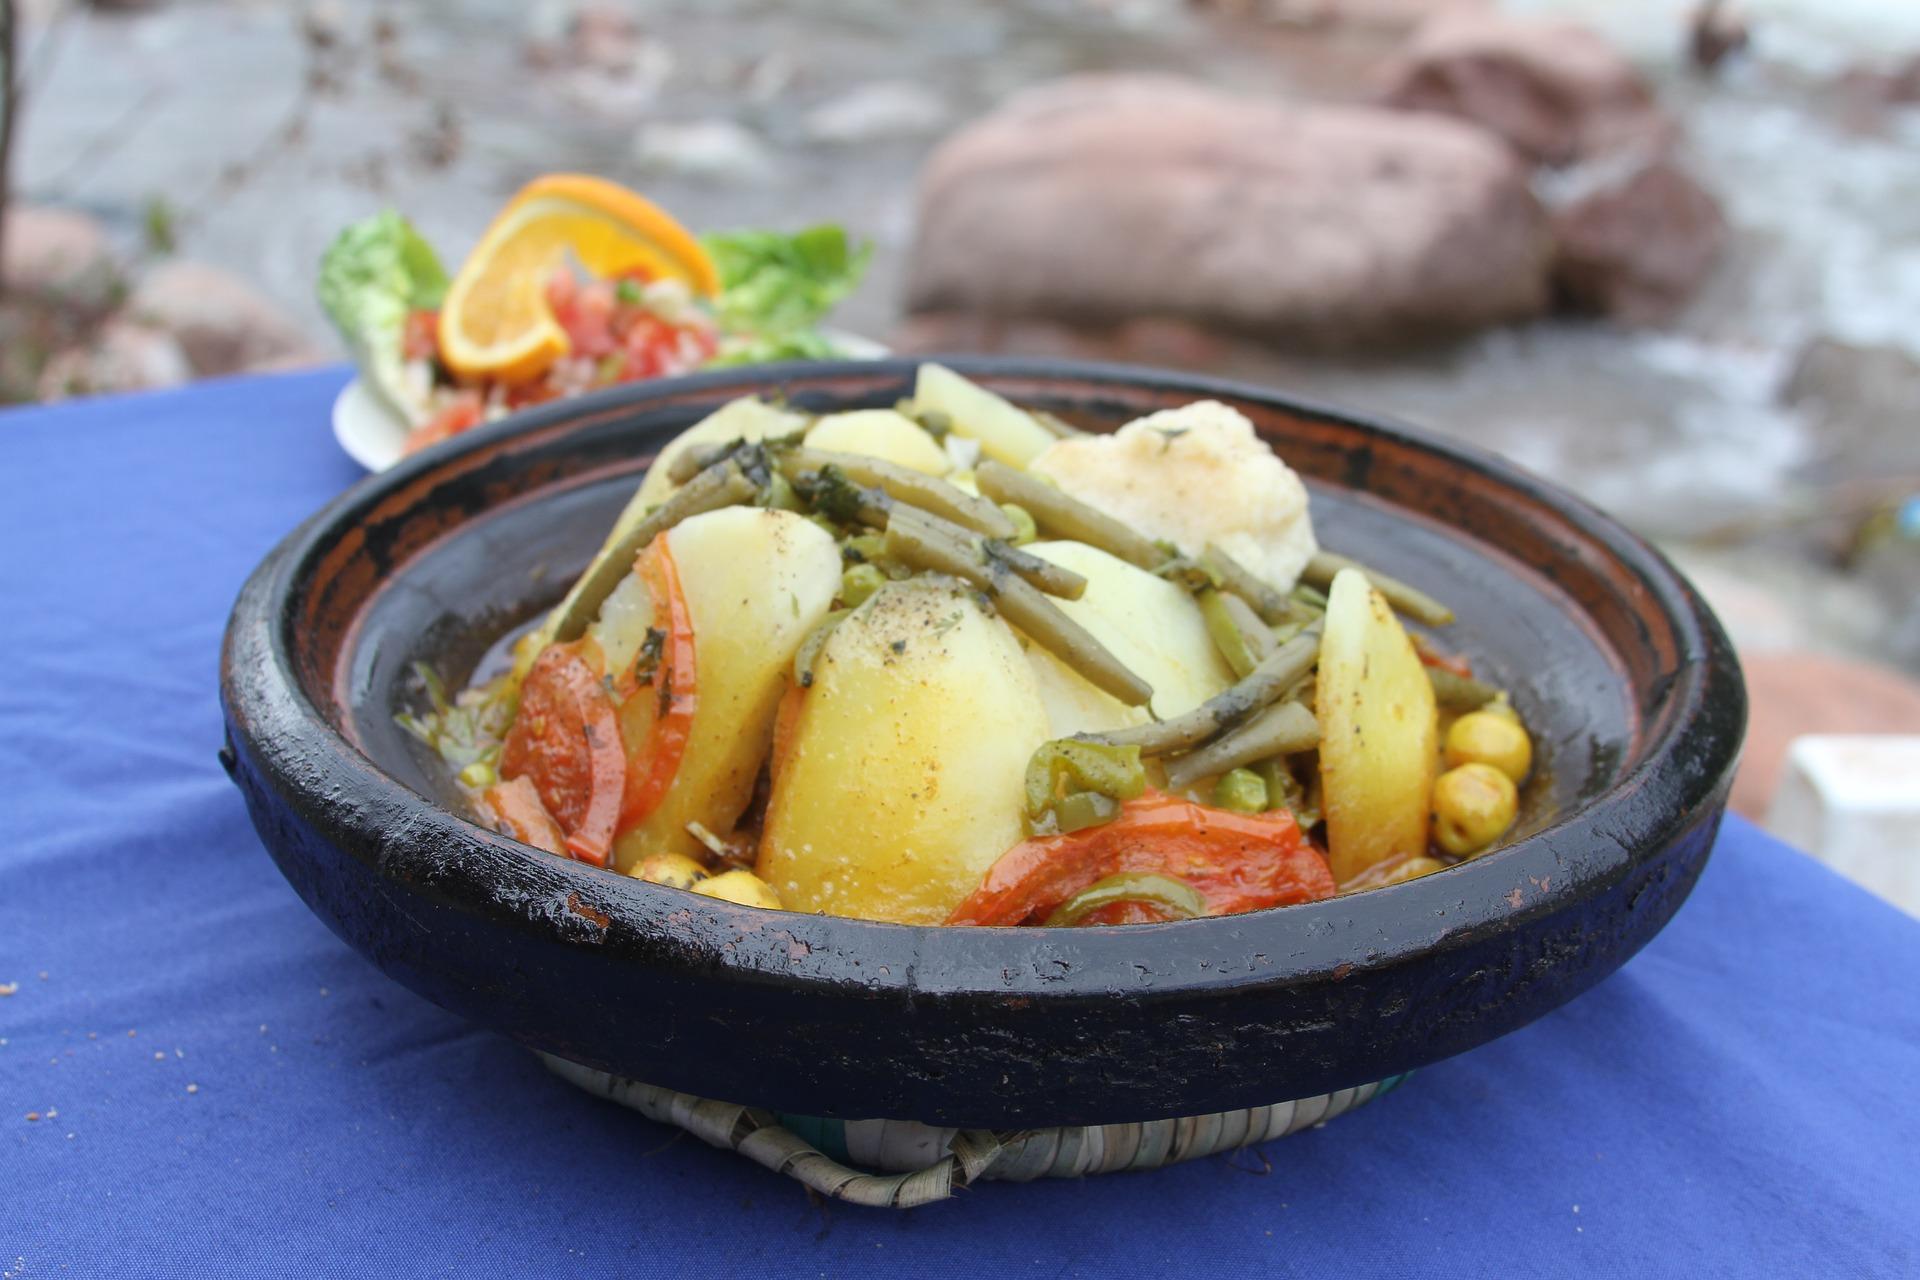 Ourika-food-3375436_1920